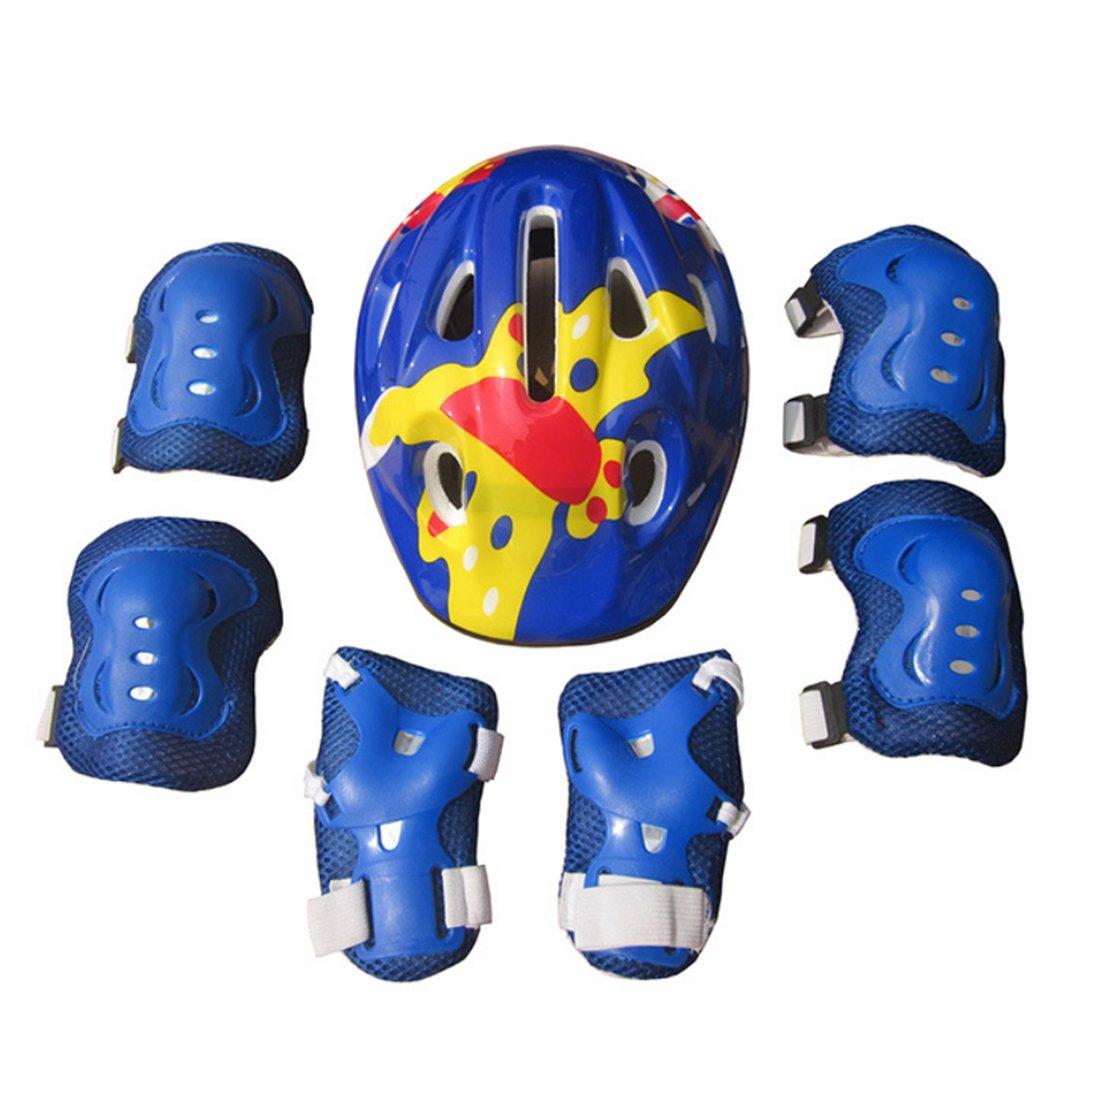 GODNECE Kinder Schutzausr/üstung Set Protektoren Set Kinder Ellbogensch/ützer Kinder Kniesch/ützer Handgelenkschutz Helm,7 St/ücke